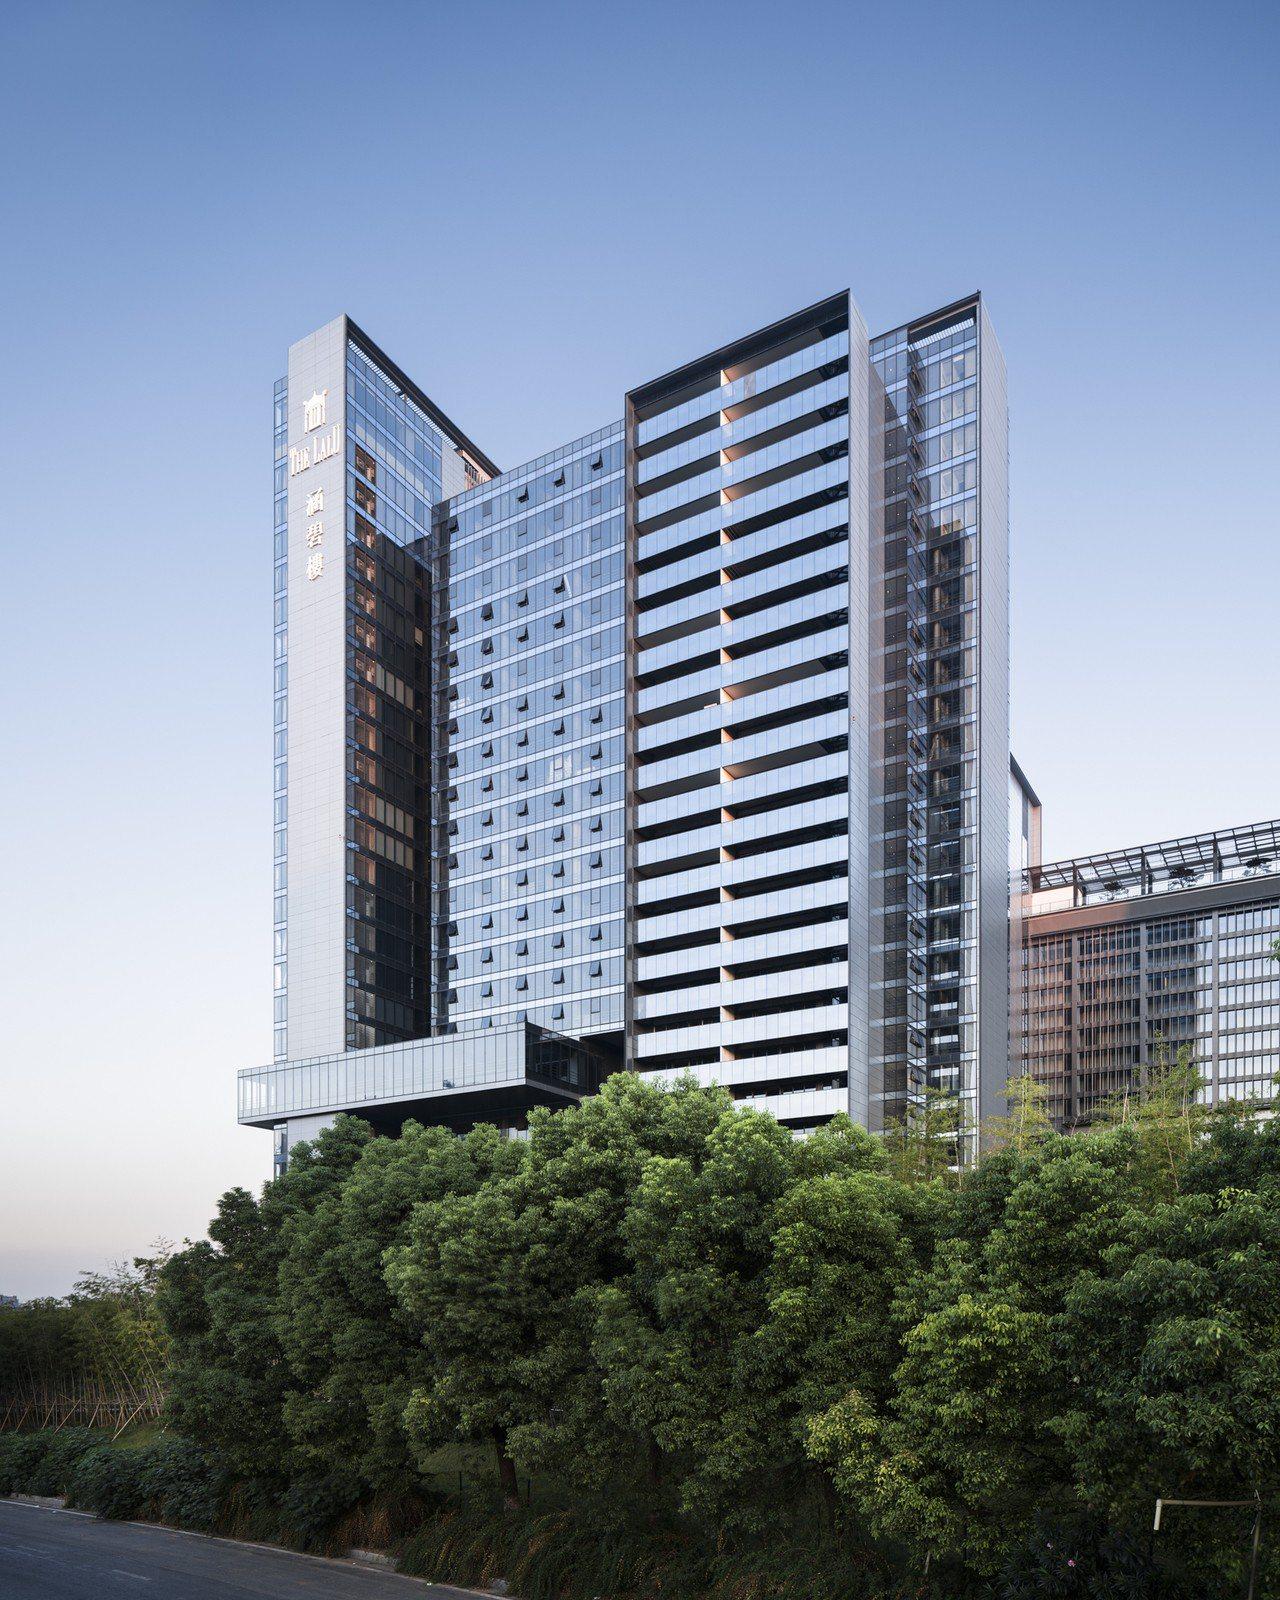 鄉林建設旗下南京涵碧樓金融中心完工、開始銷售。鄉林提供